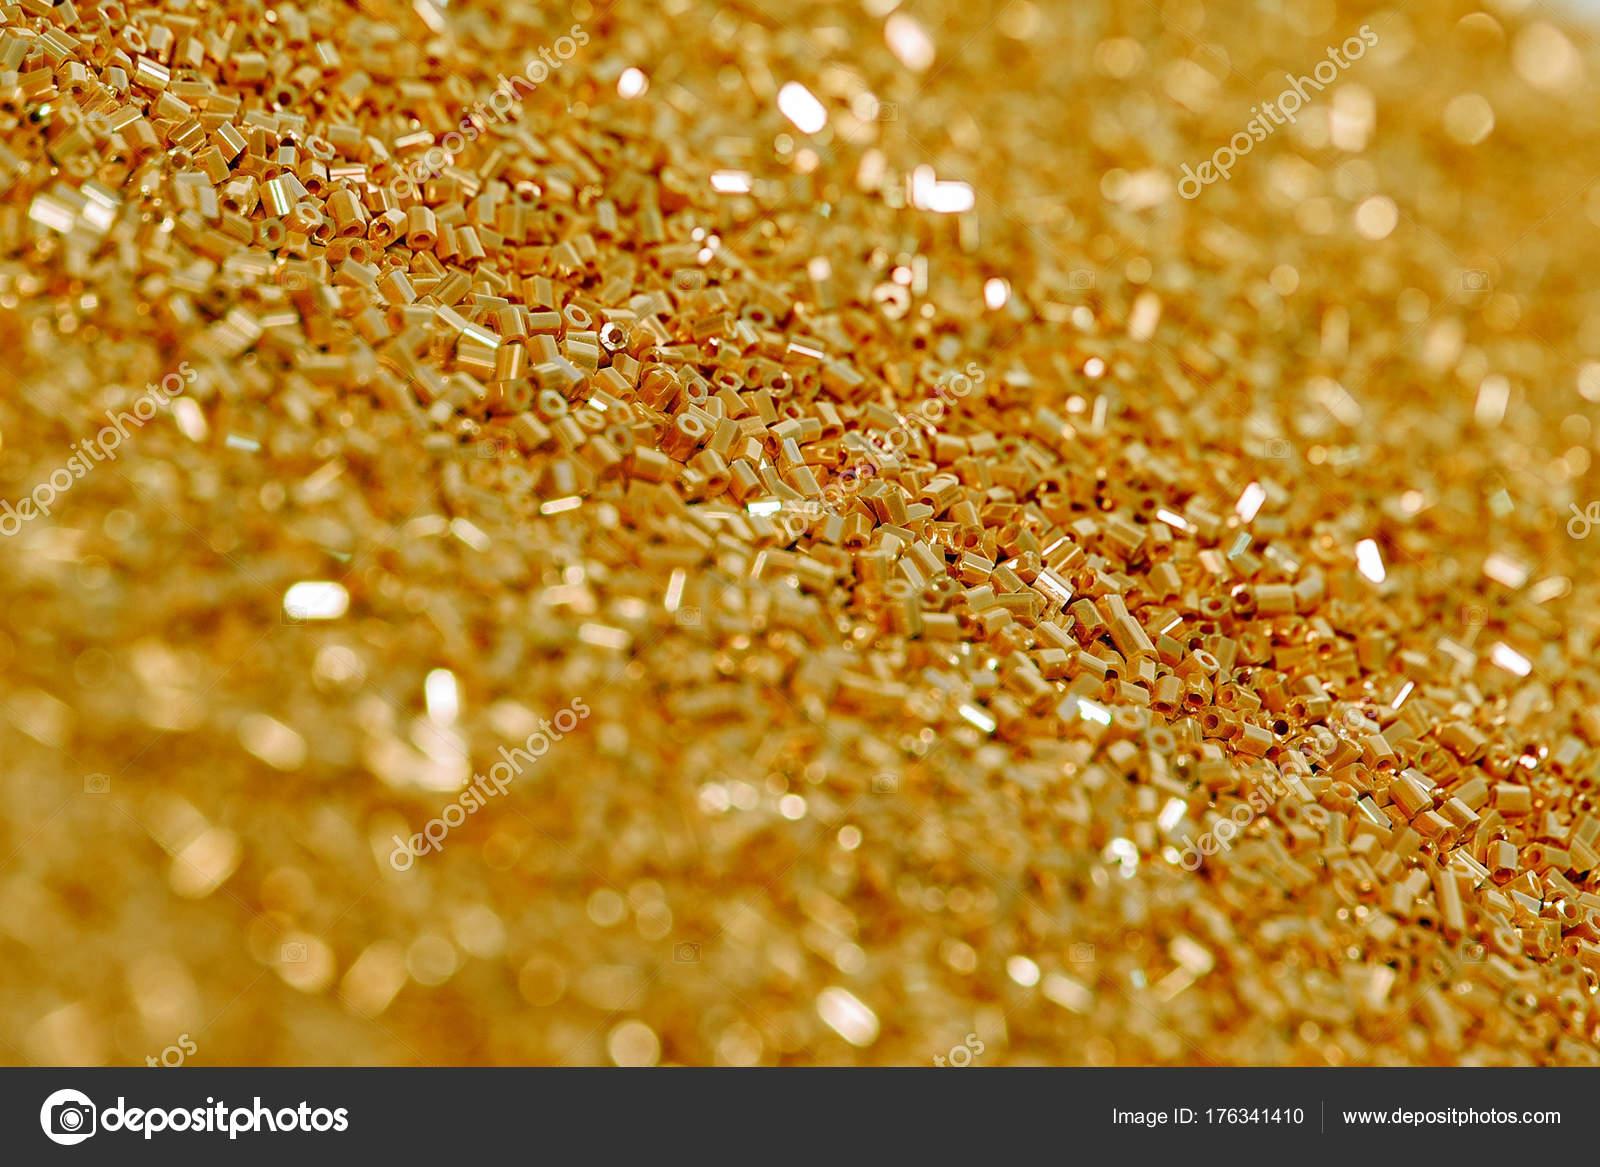 Publicidad Imagenes Abstractas: Fondo Brillantes Lentejuelas Oro Patrón Del Brillo